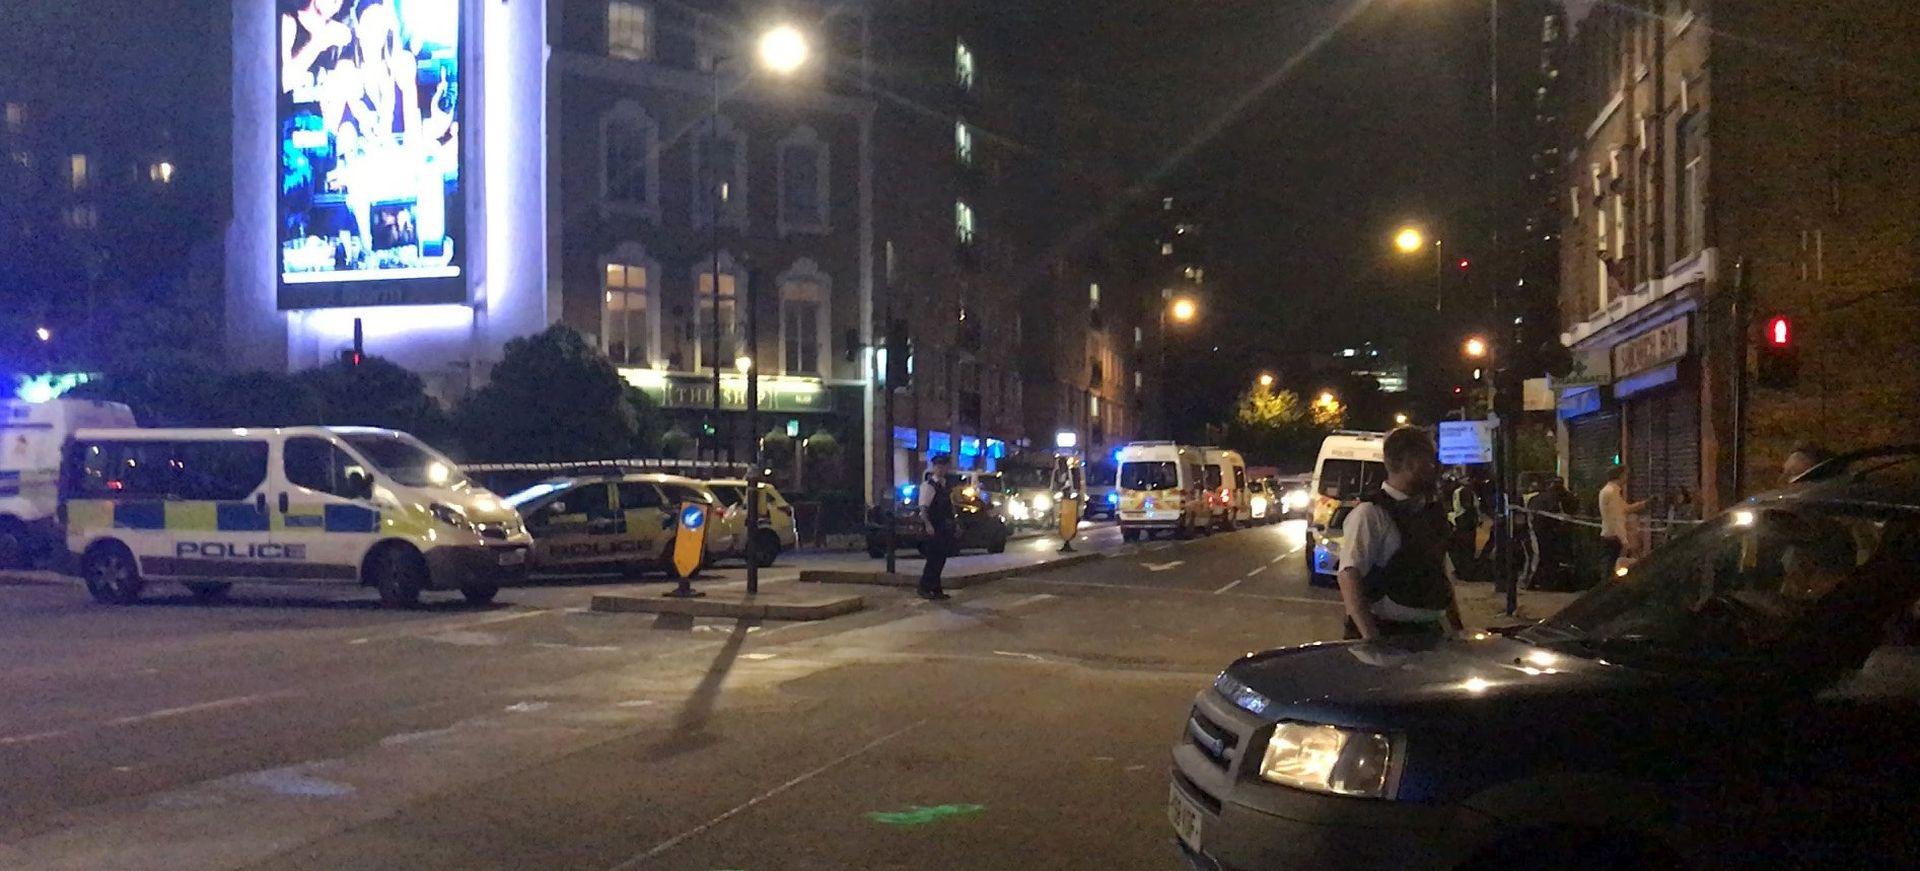 LONDON Zasad nije poznato ima li Hrvata među stradalima u napadu u Londonu